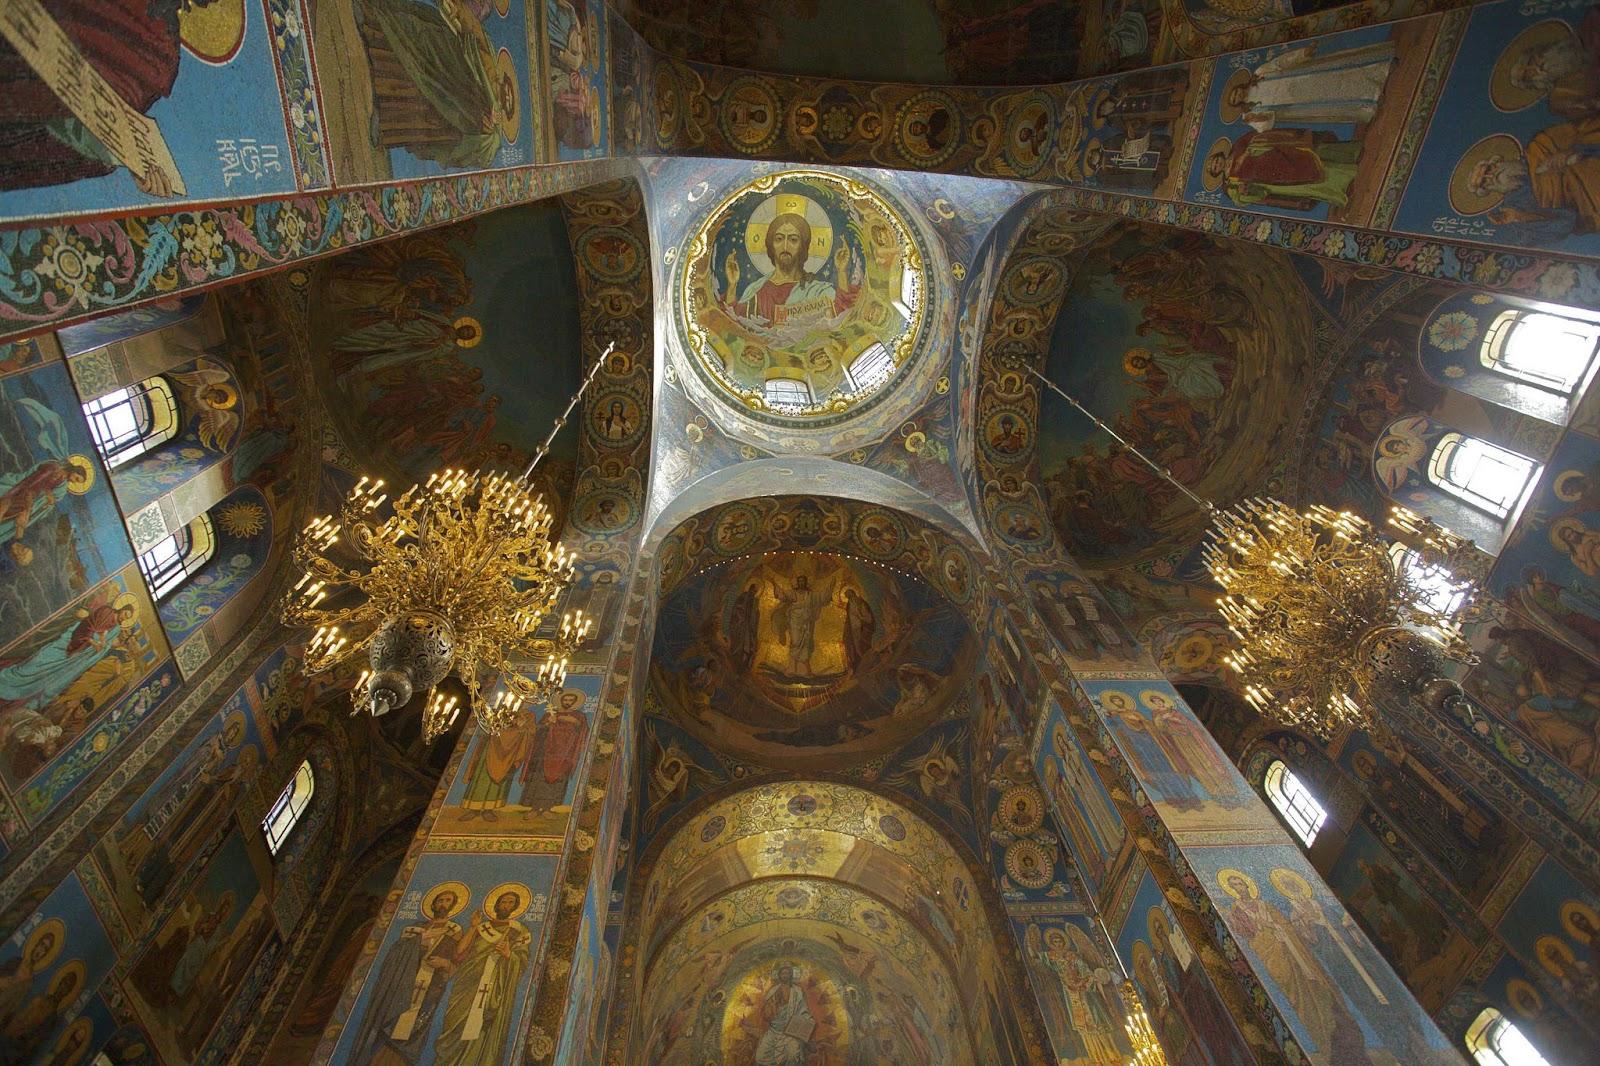 Nhà thờ Đấng Cứu Thế trên Giá Máu ở St. Petersburg, Nga